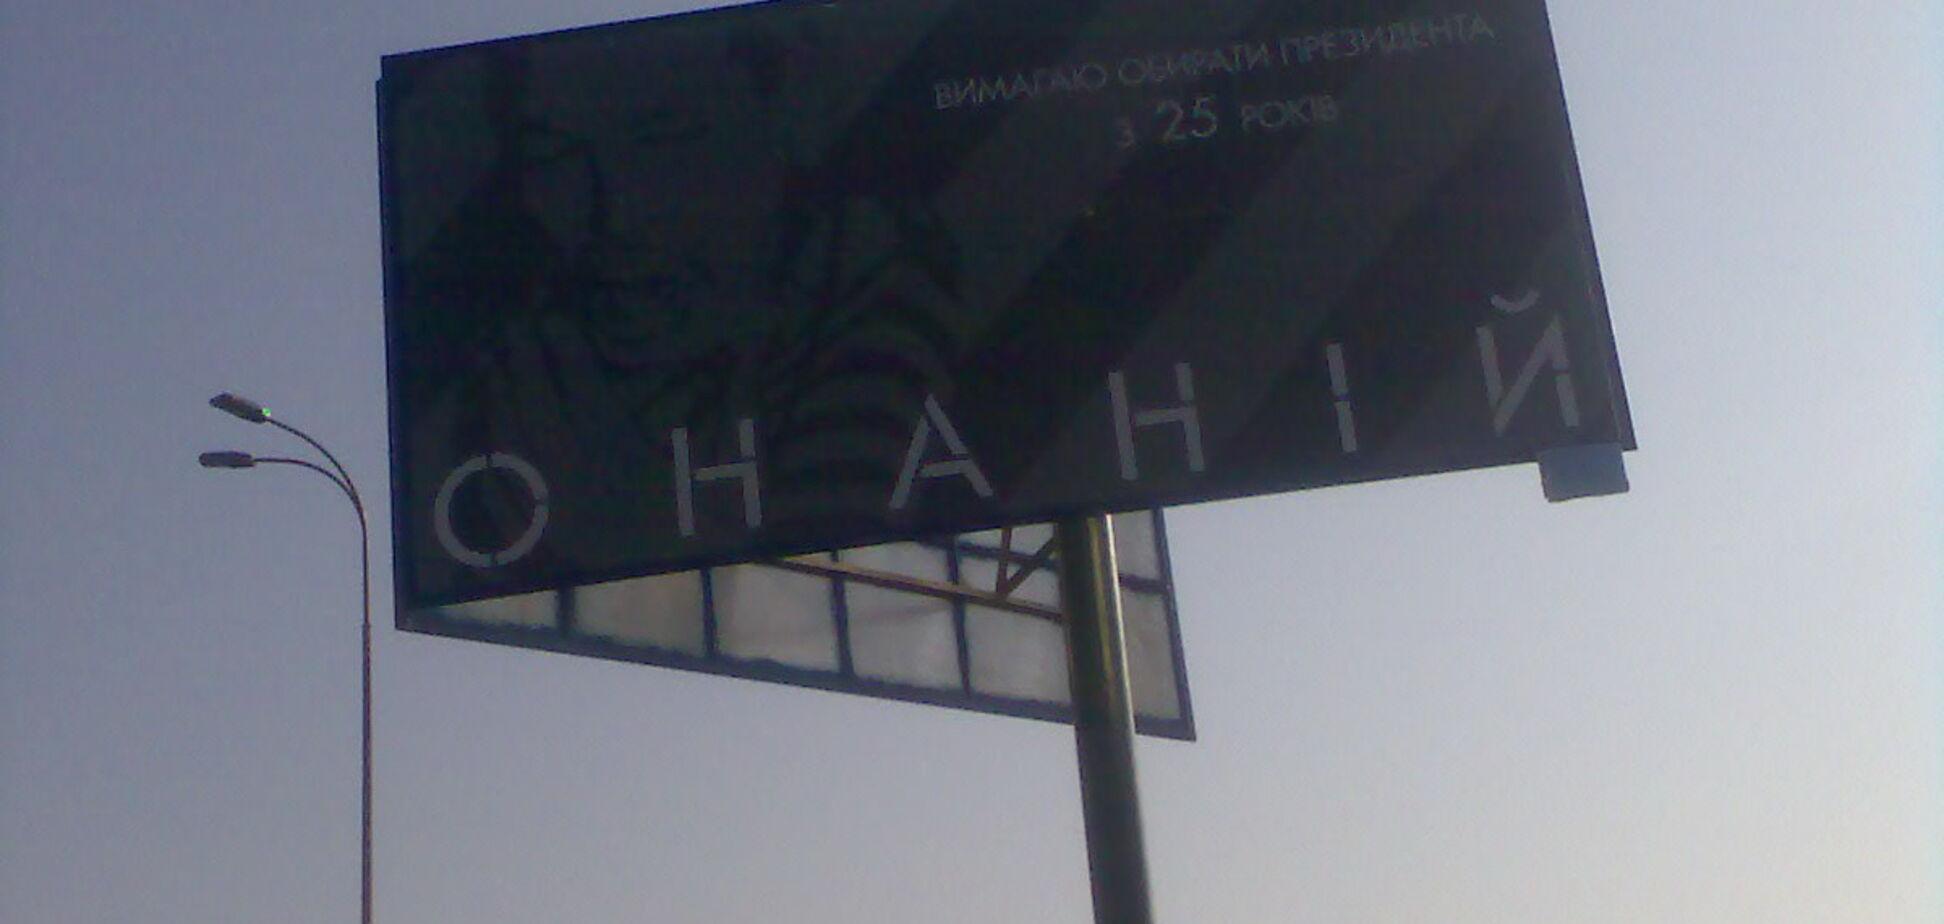 Стартовала 'чернуха' на бигбордах против Яценюка. ФОТО